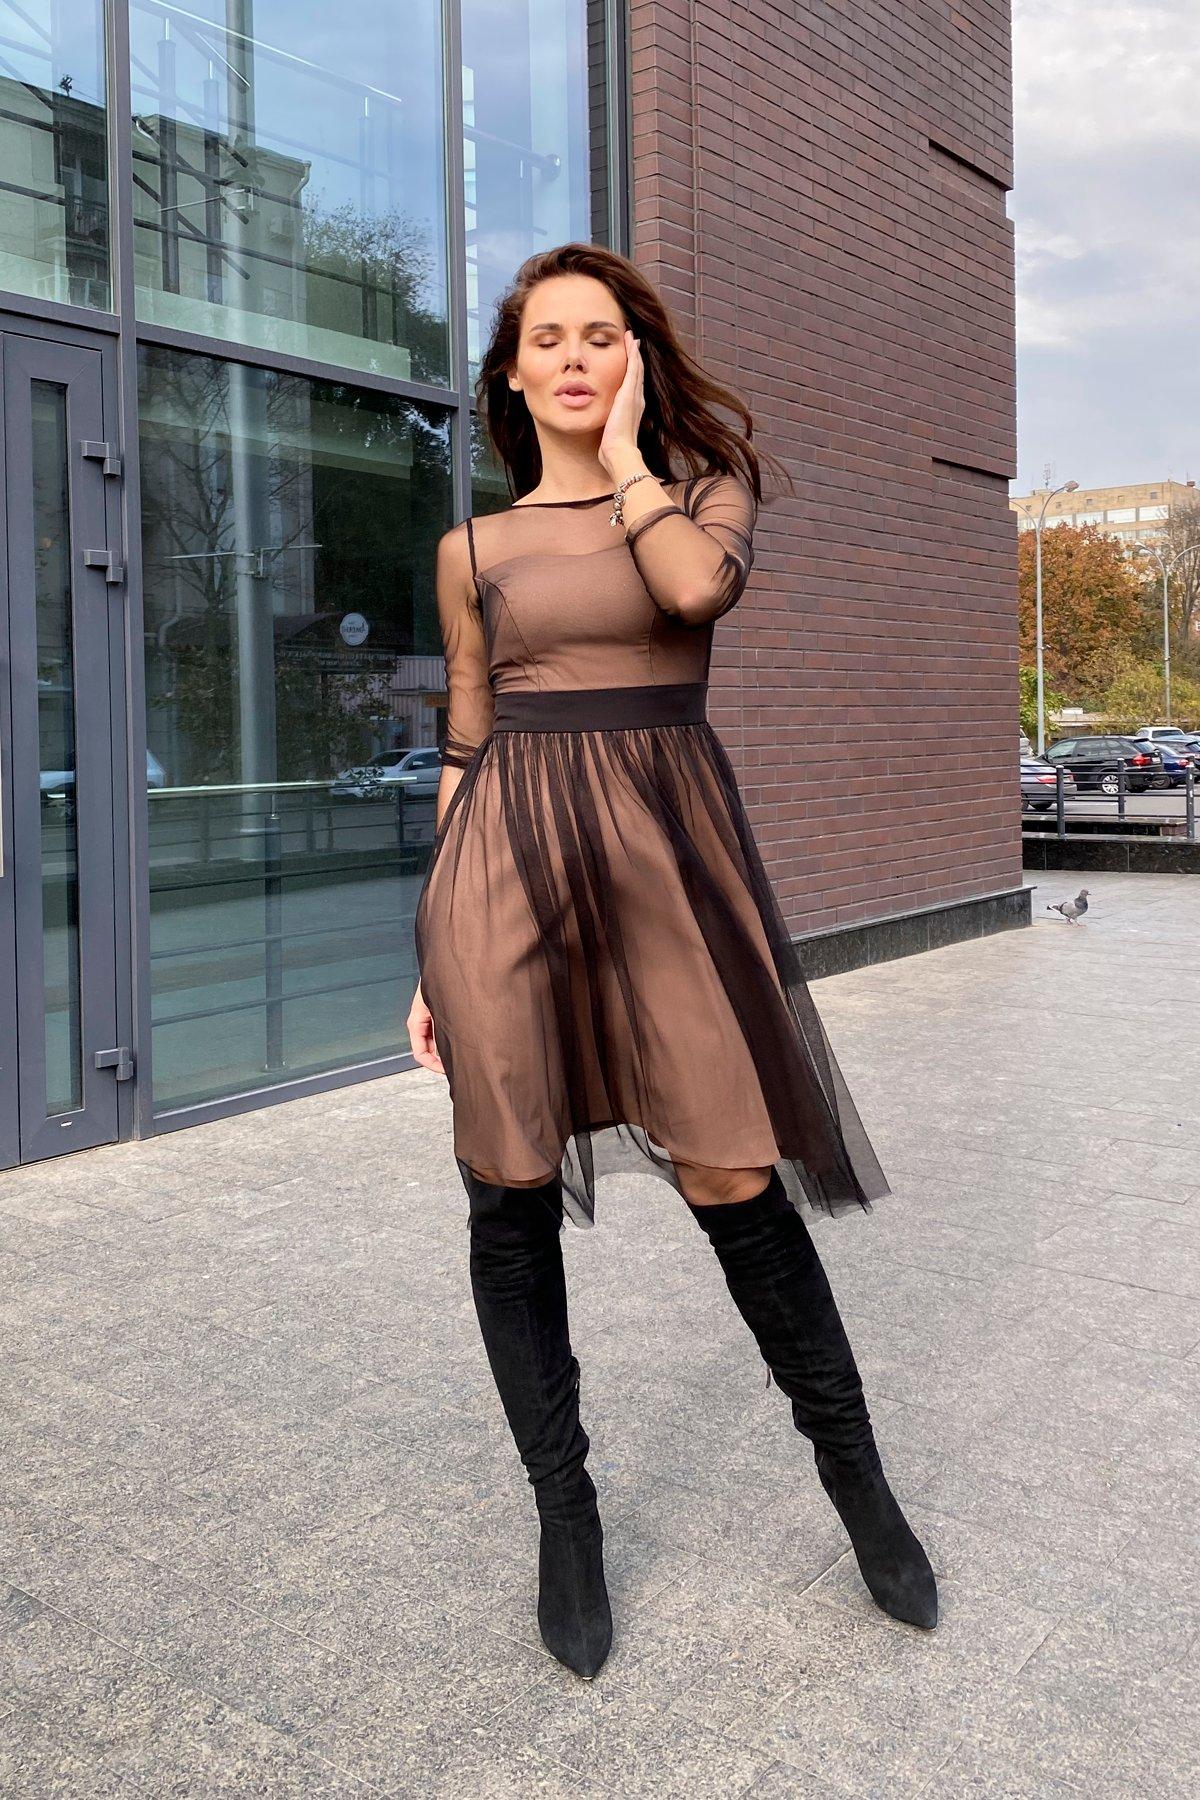 Платье миди длины с юбкой солнце-клеш Роял 8681 АРТ. 45006 Цвет: Черный/золото - фото 1, интернет магазин tm-modus.ru